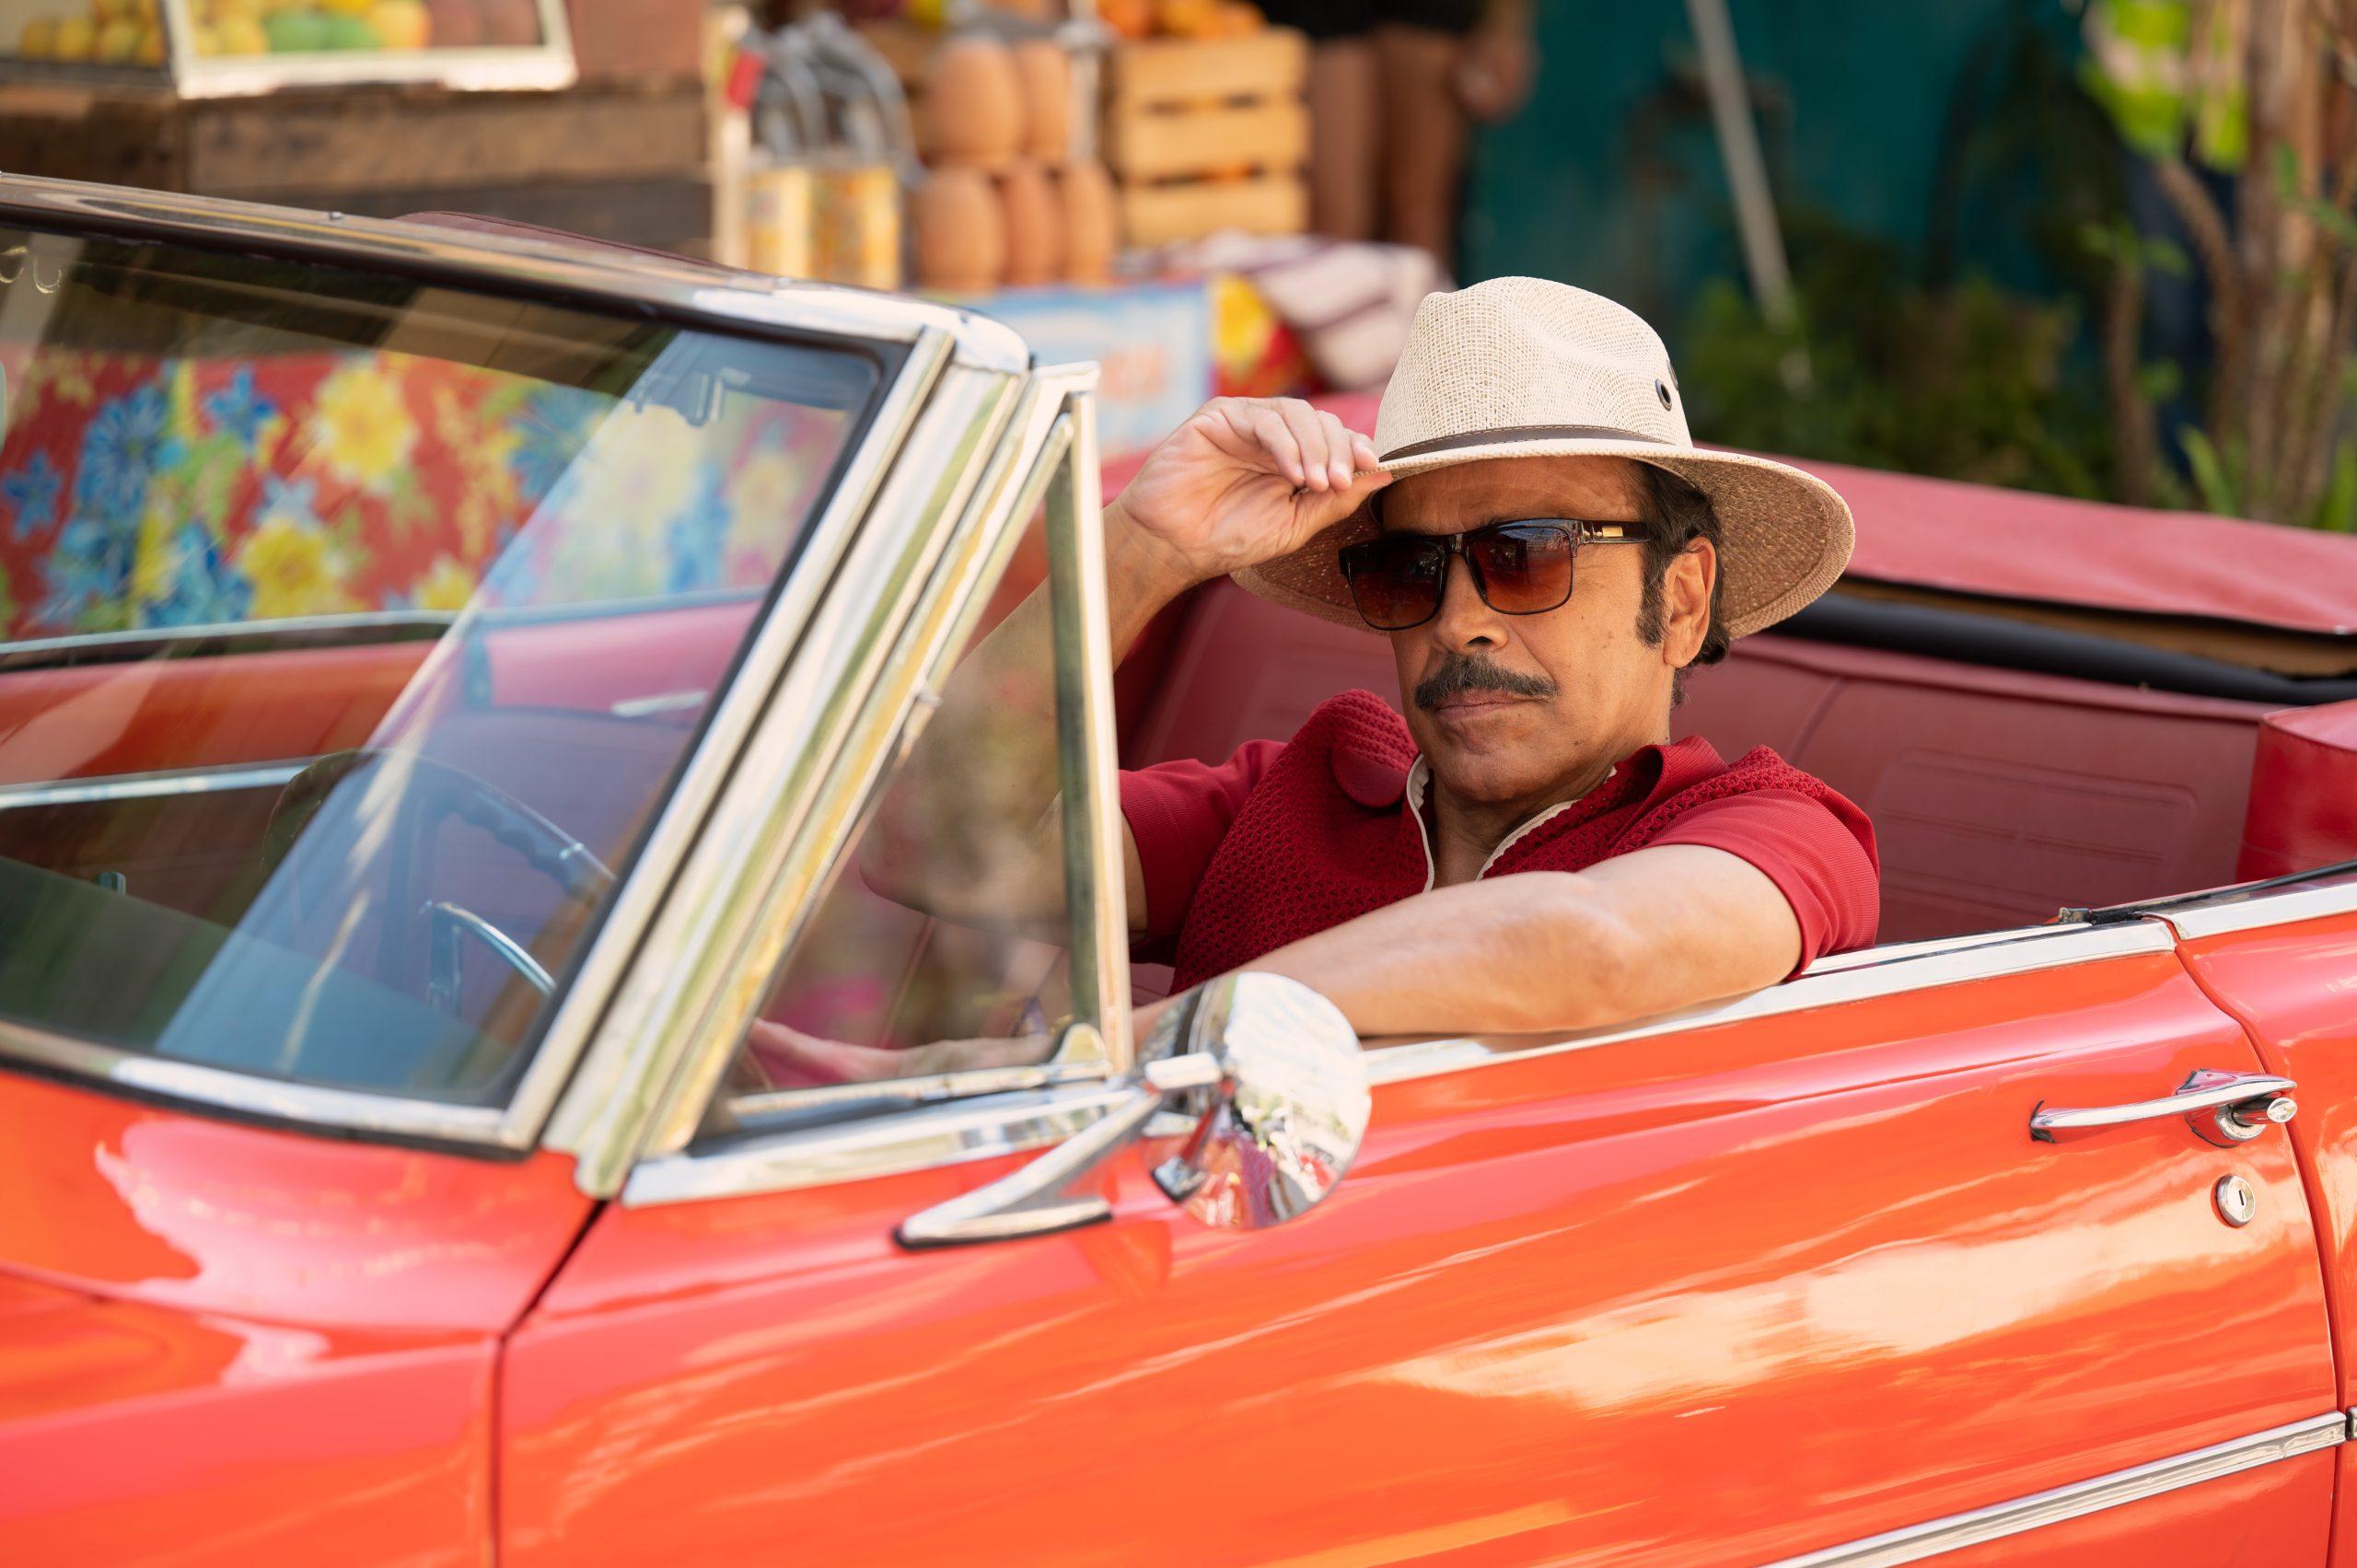 Apple TV+ revela la fecha de estreno y primeras imágenes de 'Acapulco' con Eugenio Derbez